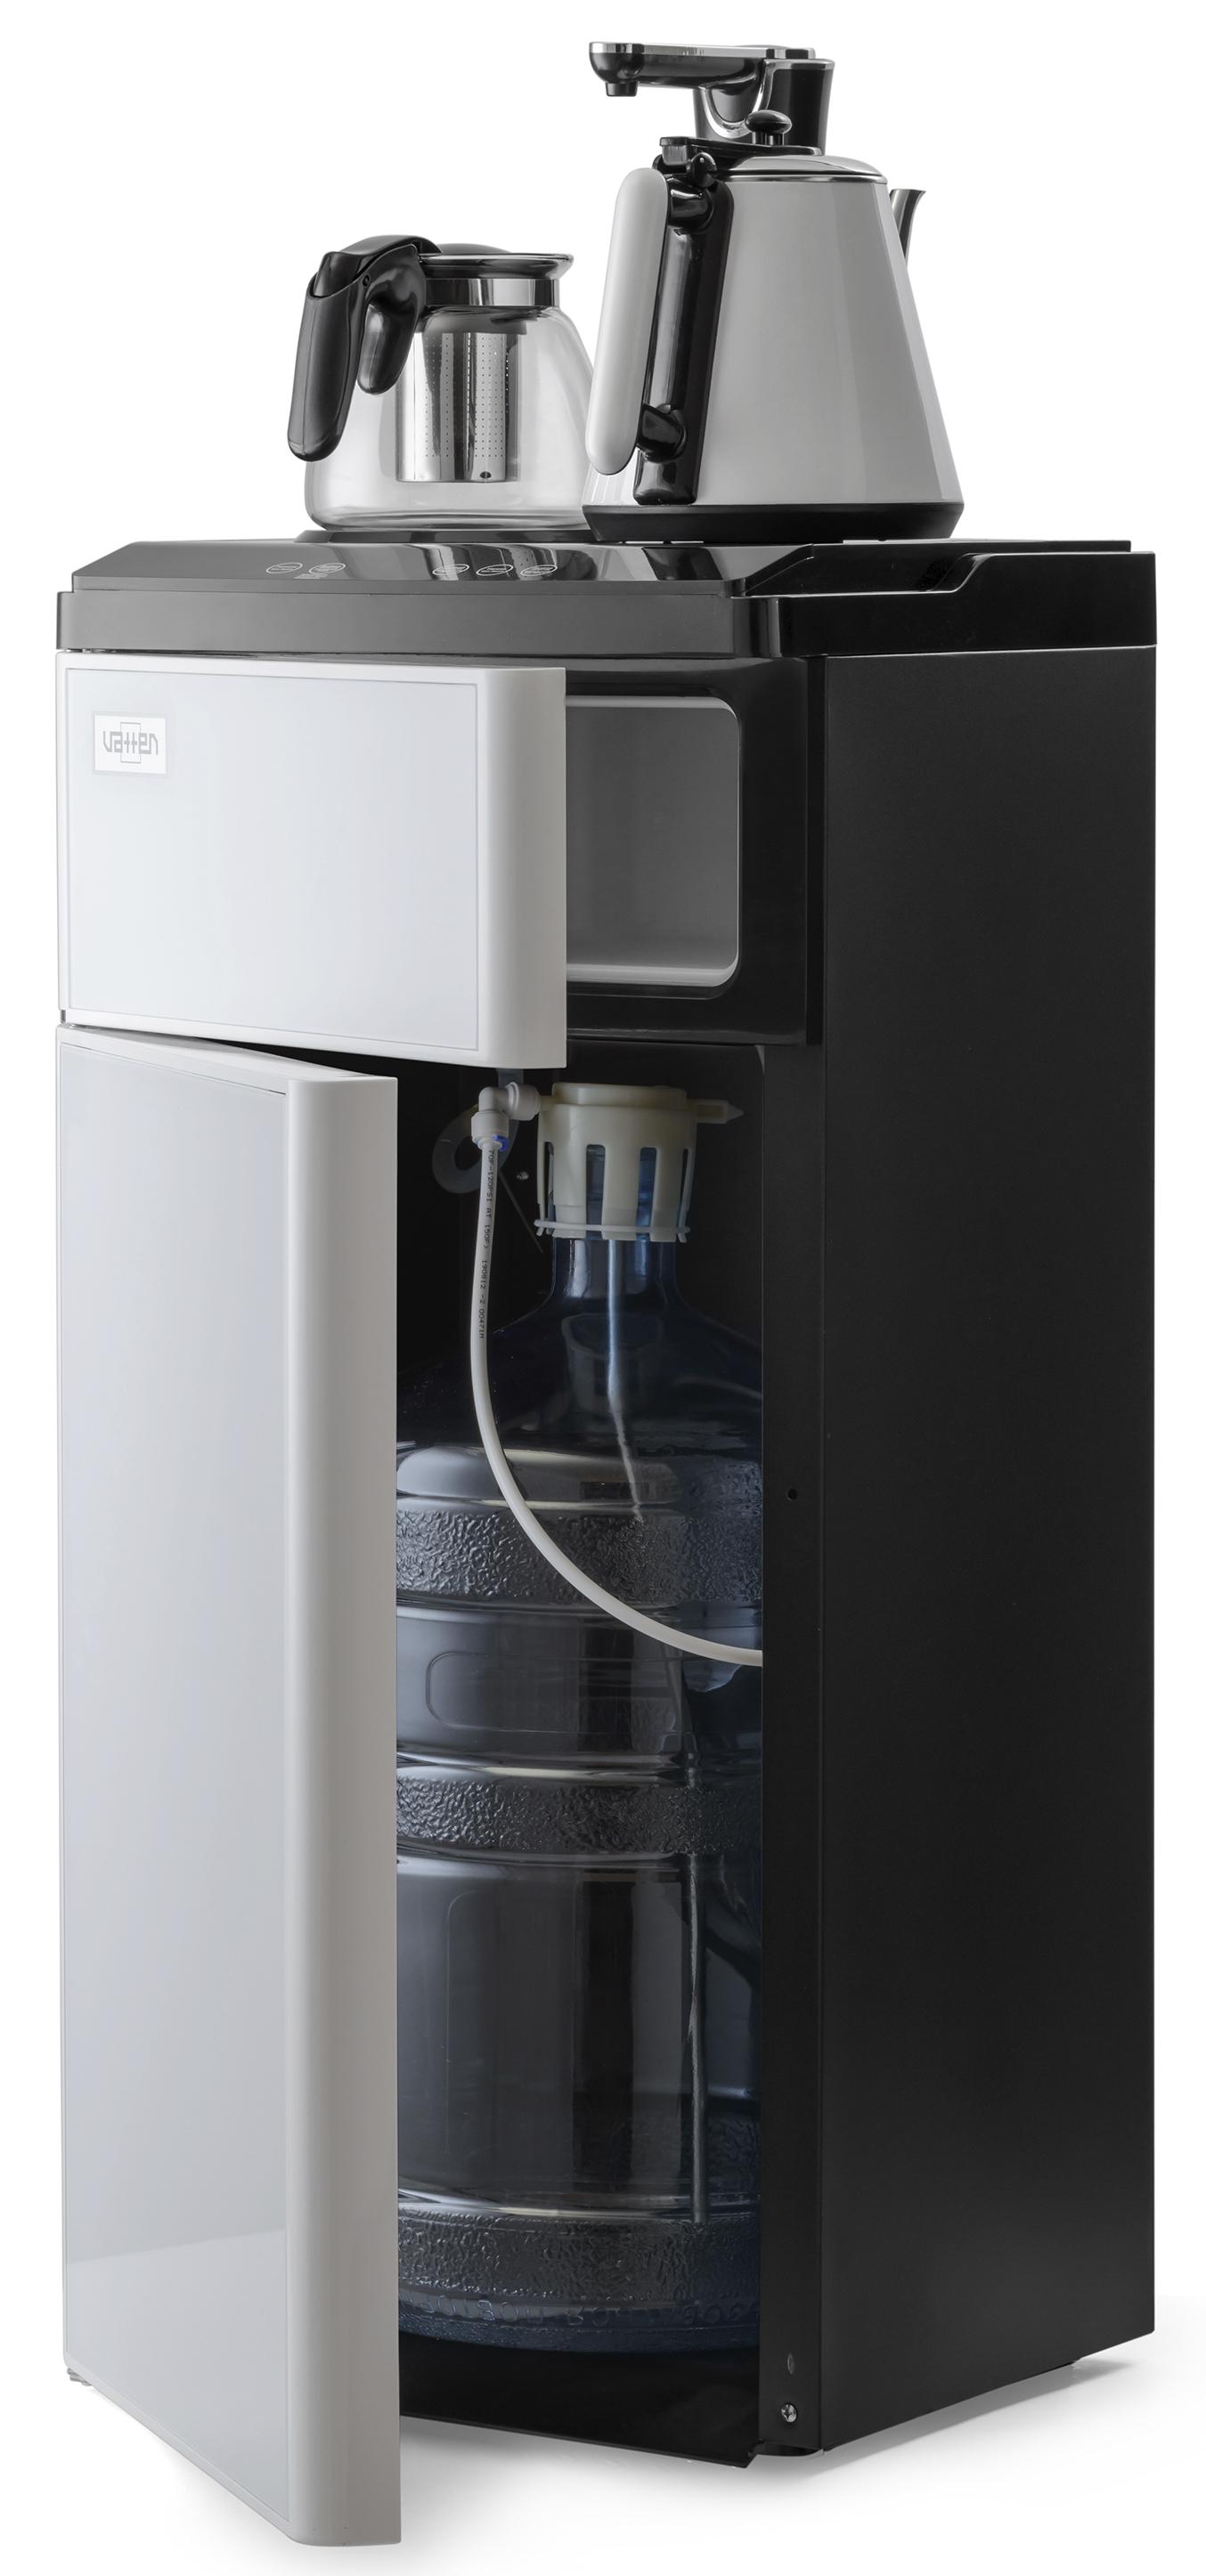 Кулер для воды VATTEN L50WEAT